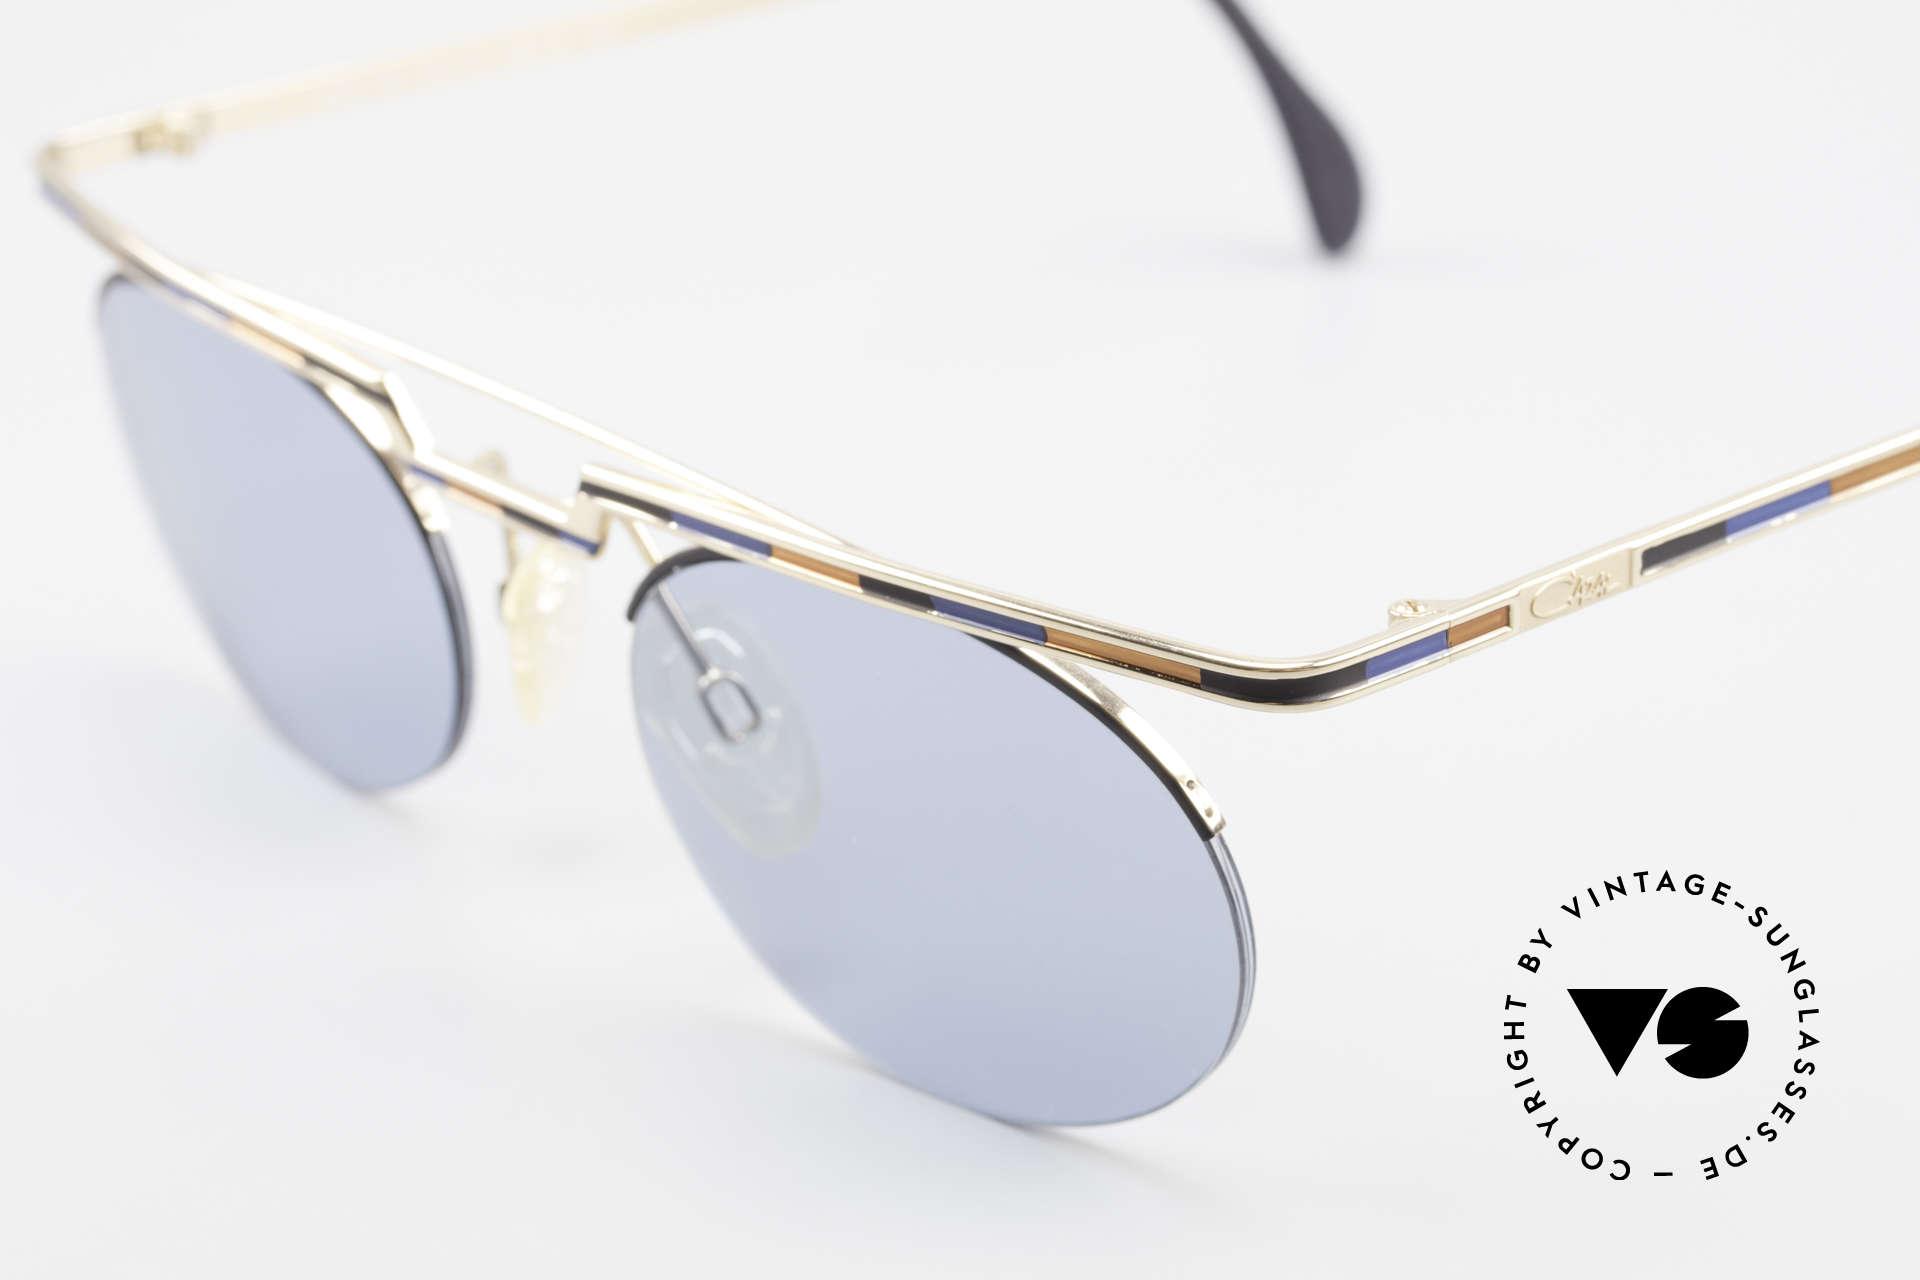 Cazal 758 Original 90er Sonnenbrille, Katalog Farbbezeichnung: marineblau-braun-schwarz, Passend für Herren und Damen